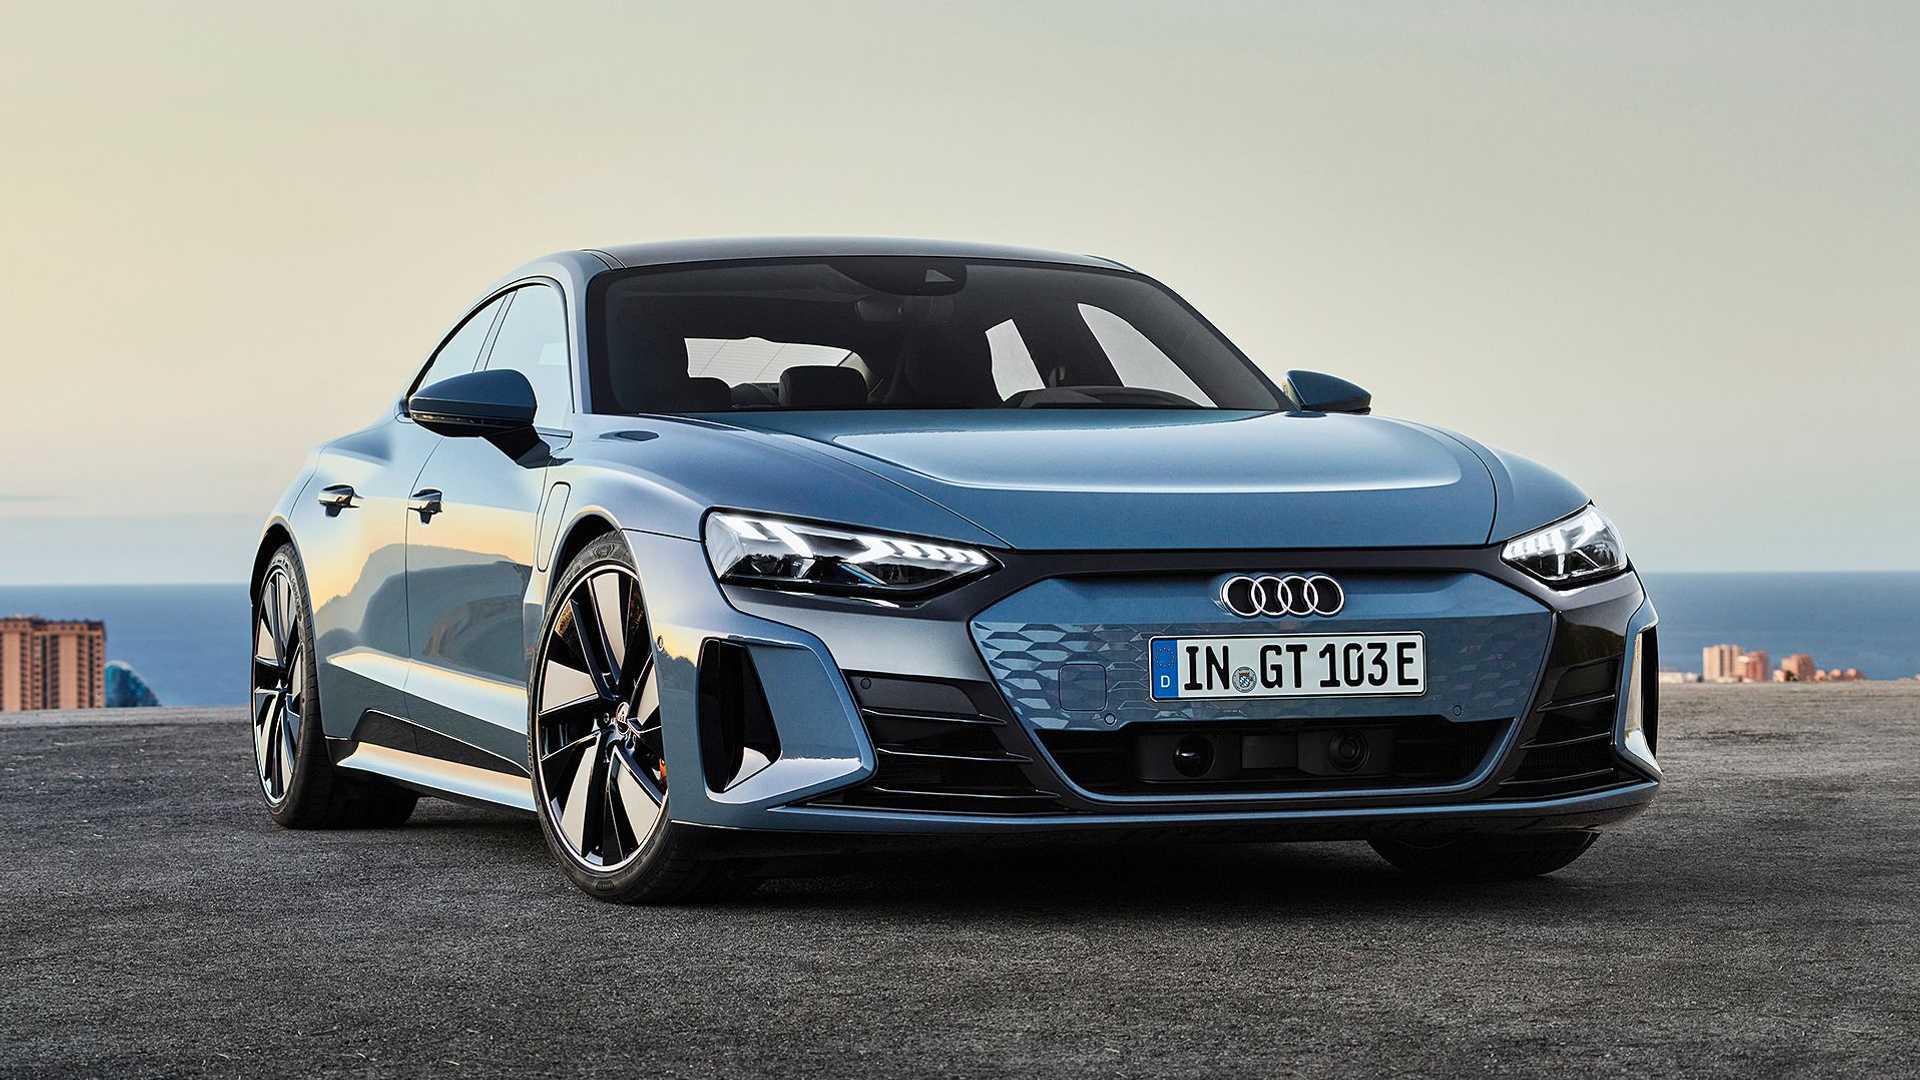 Марка Audi показала электроседан e-tron GT. Снаружи серийная версия почти не отличается от концепта двухлетней давности, разве что появились обычные зеркала и ручки дверей, а бампера слегка переработаны.